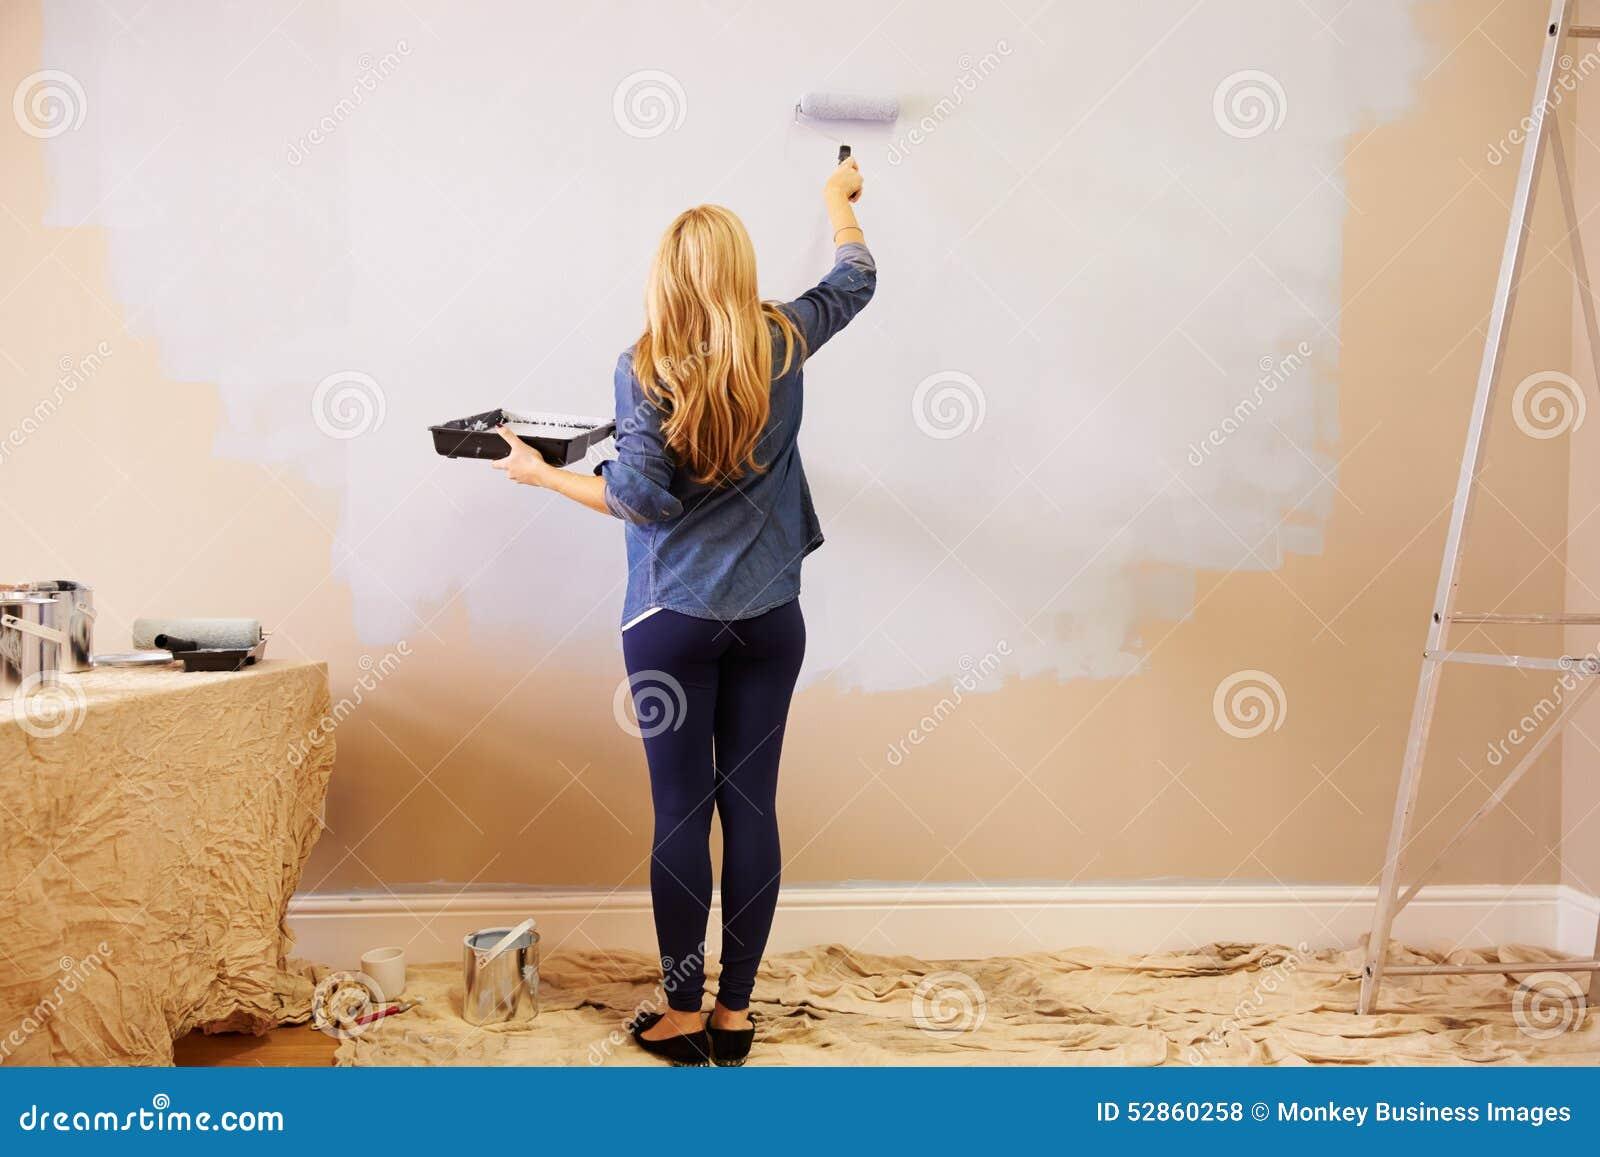 Donna che decora stanza facendo uso del rullo di pittura sulla parete